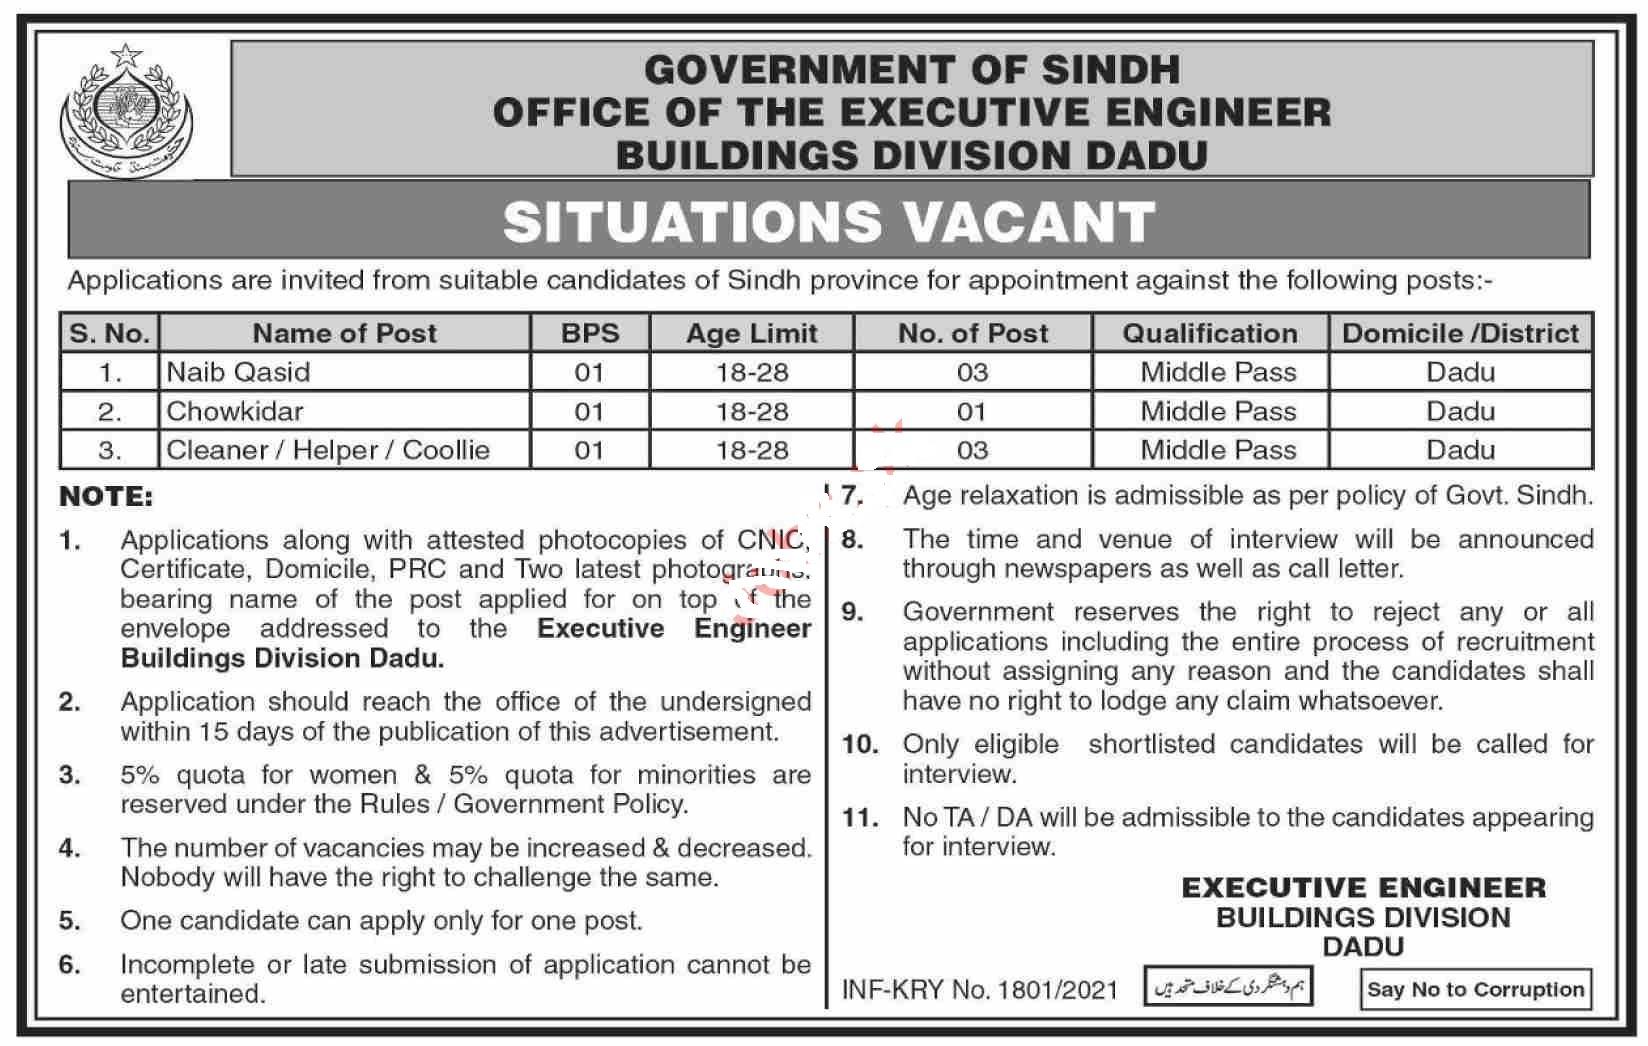 Buildings Division Dadu Jobs 2021 for Naib Qasid